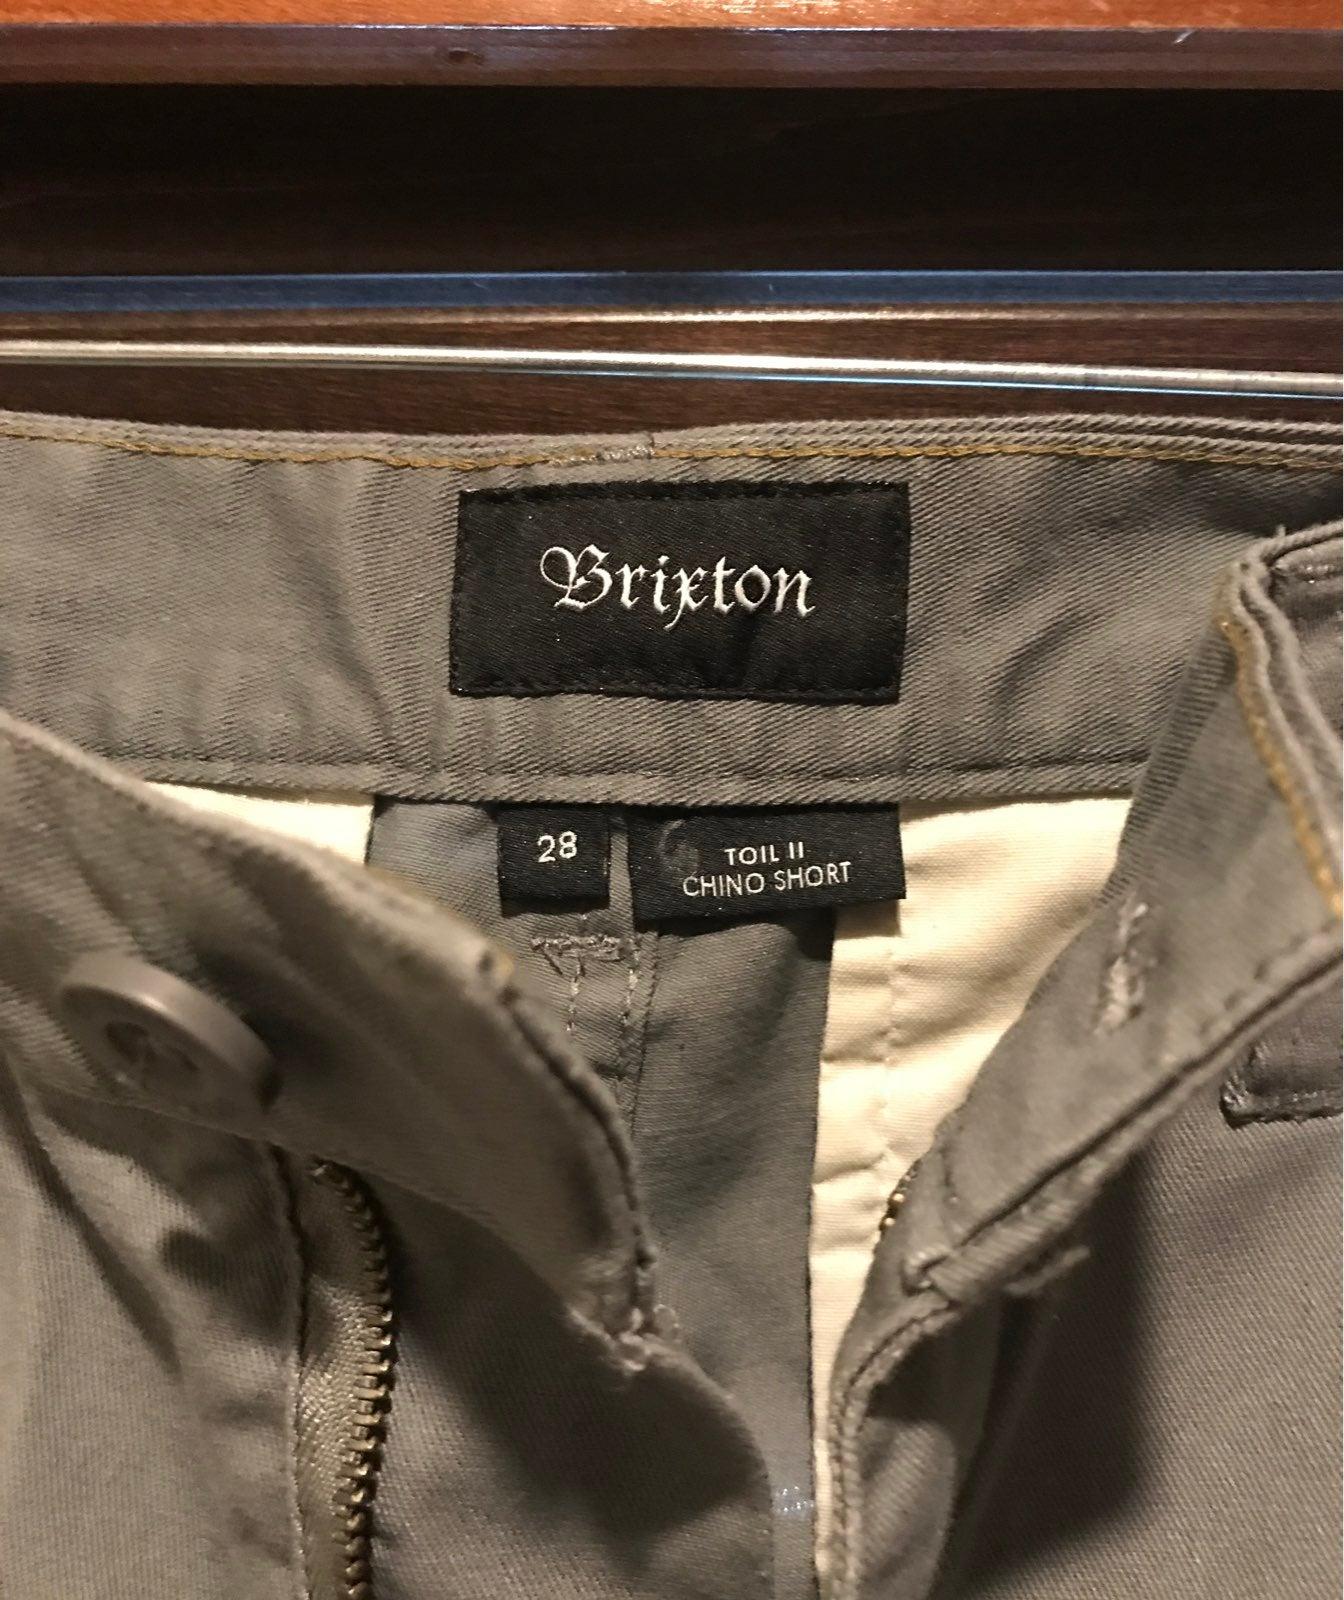 Brixton size 28 Toil II chino shorts